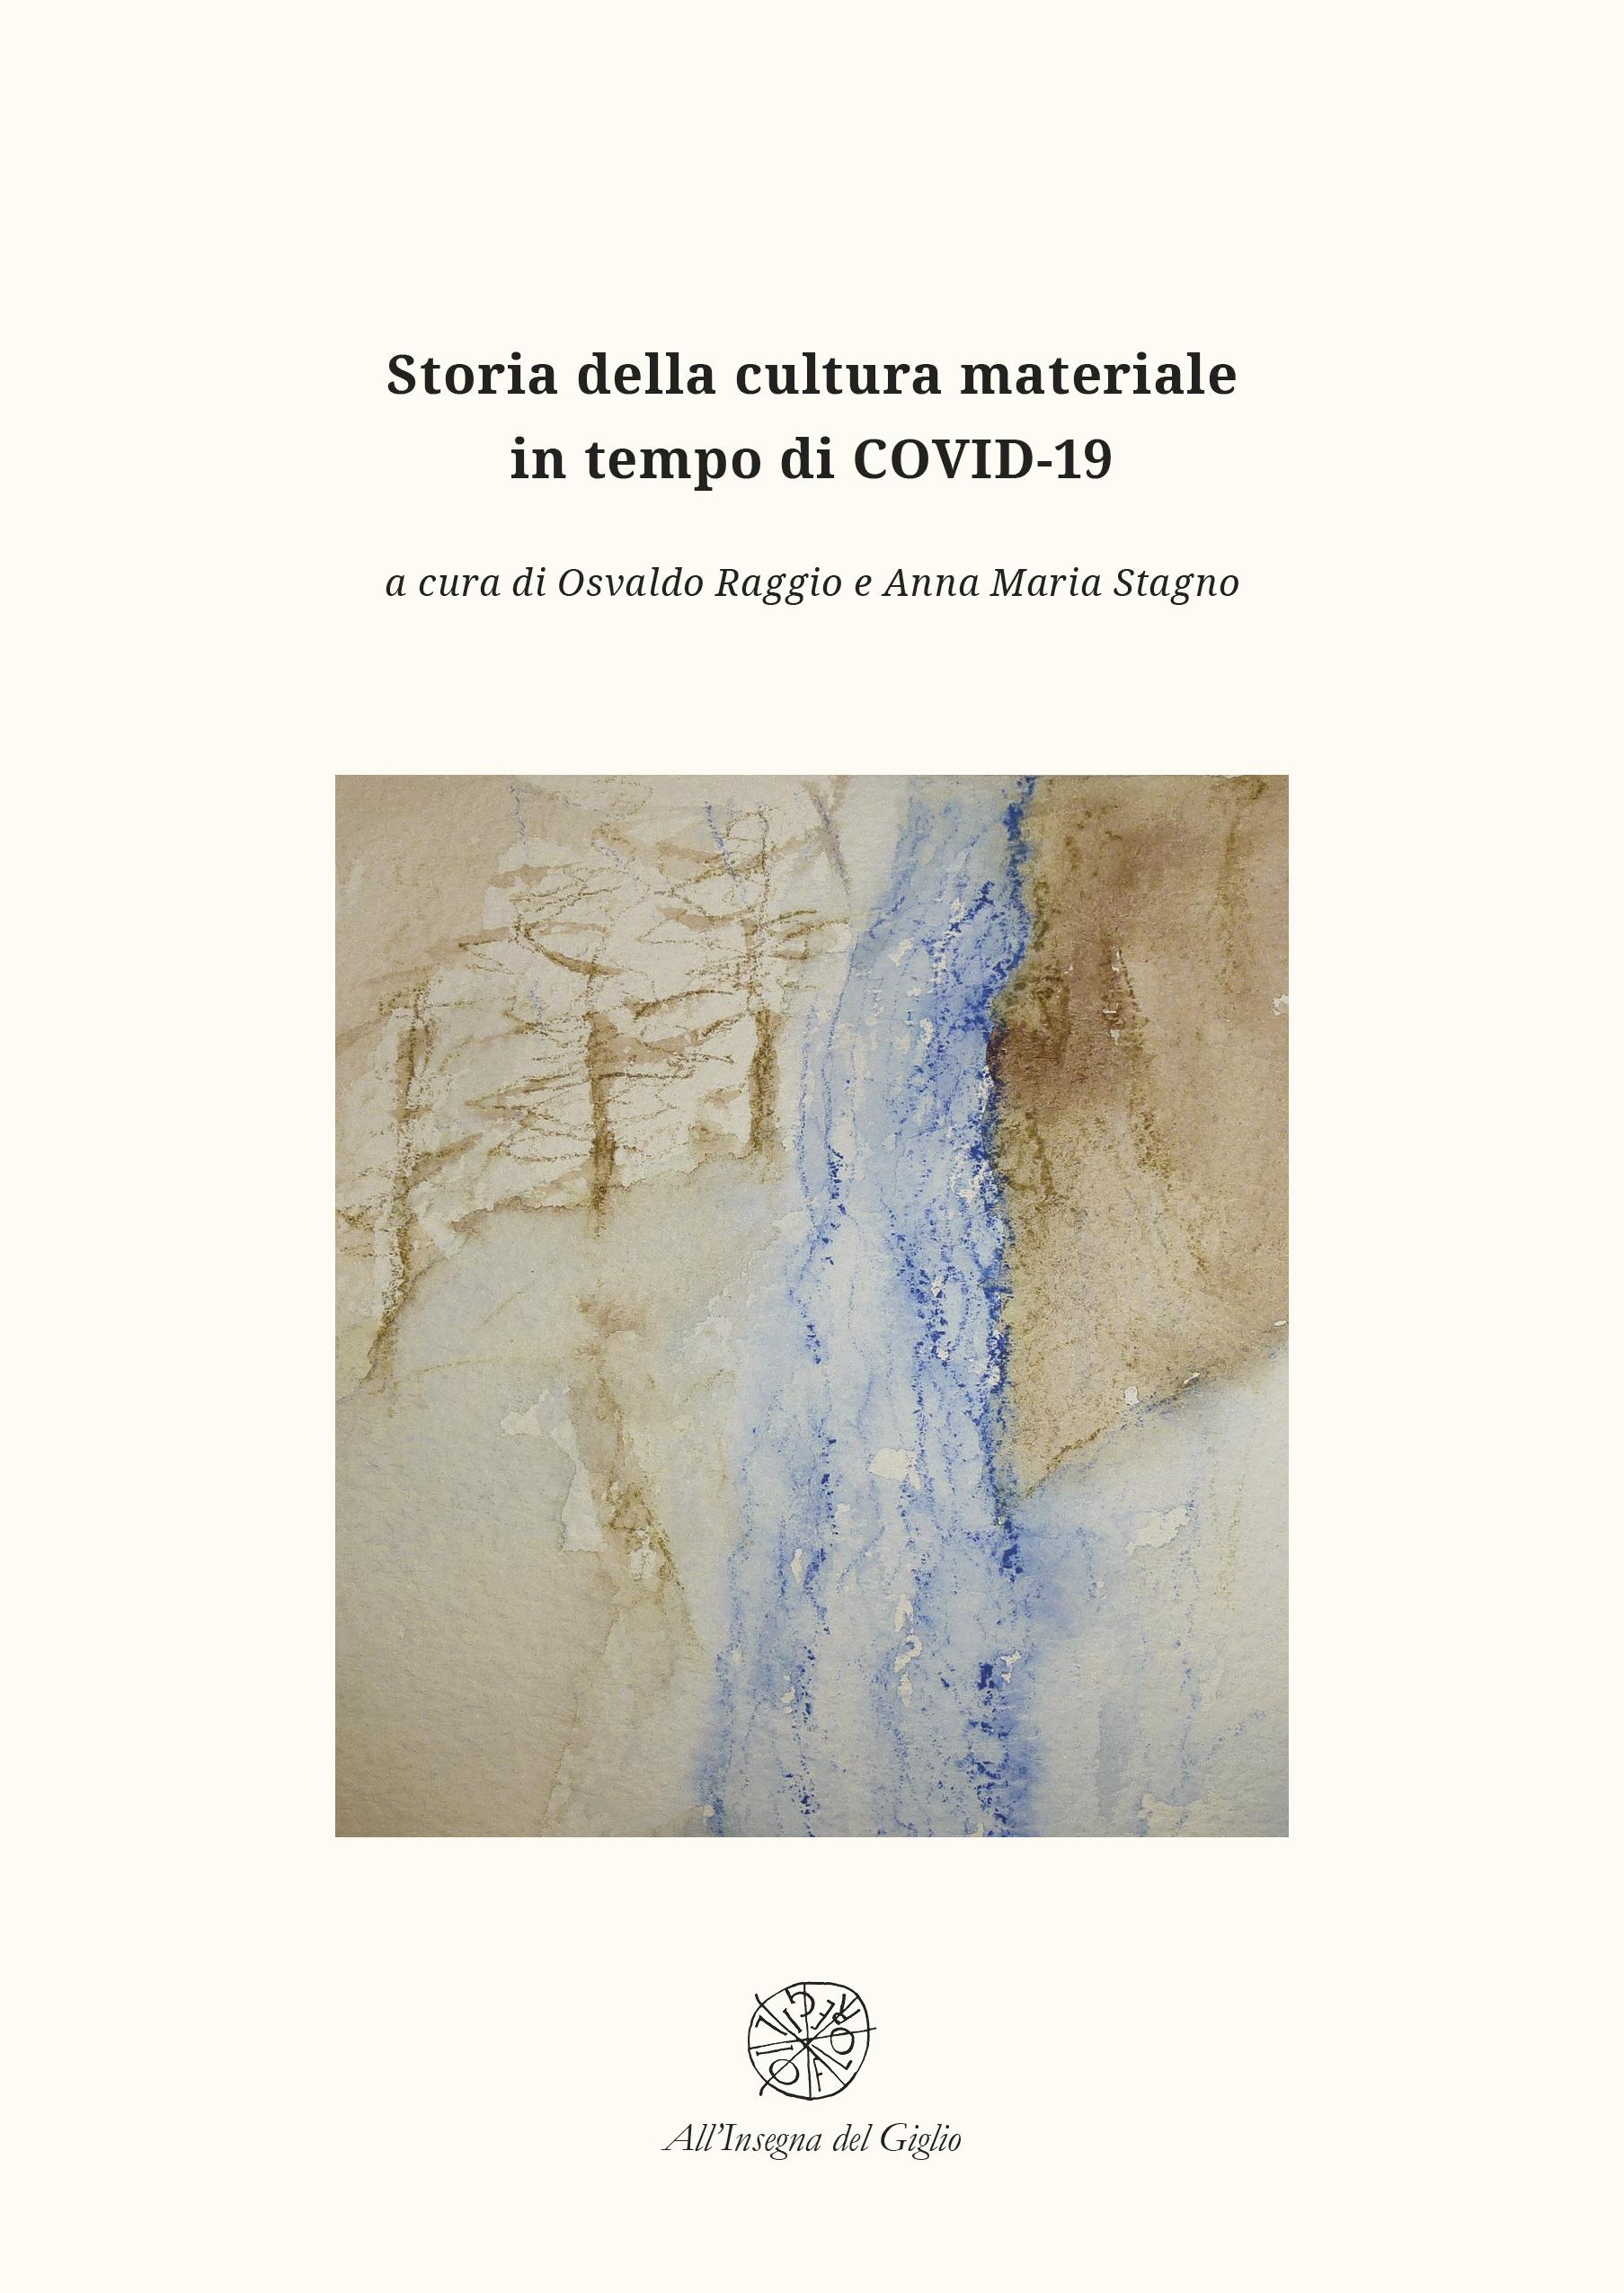 Storia della cultura materiale in tempo di COVID-19